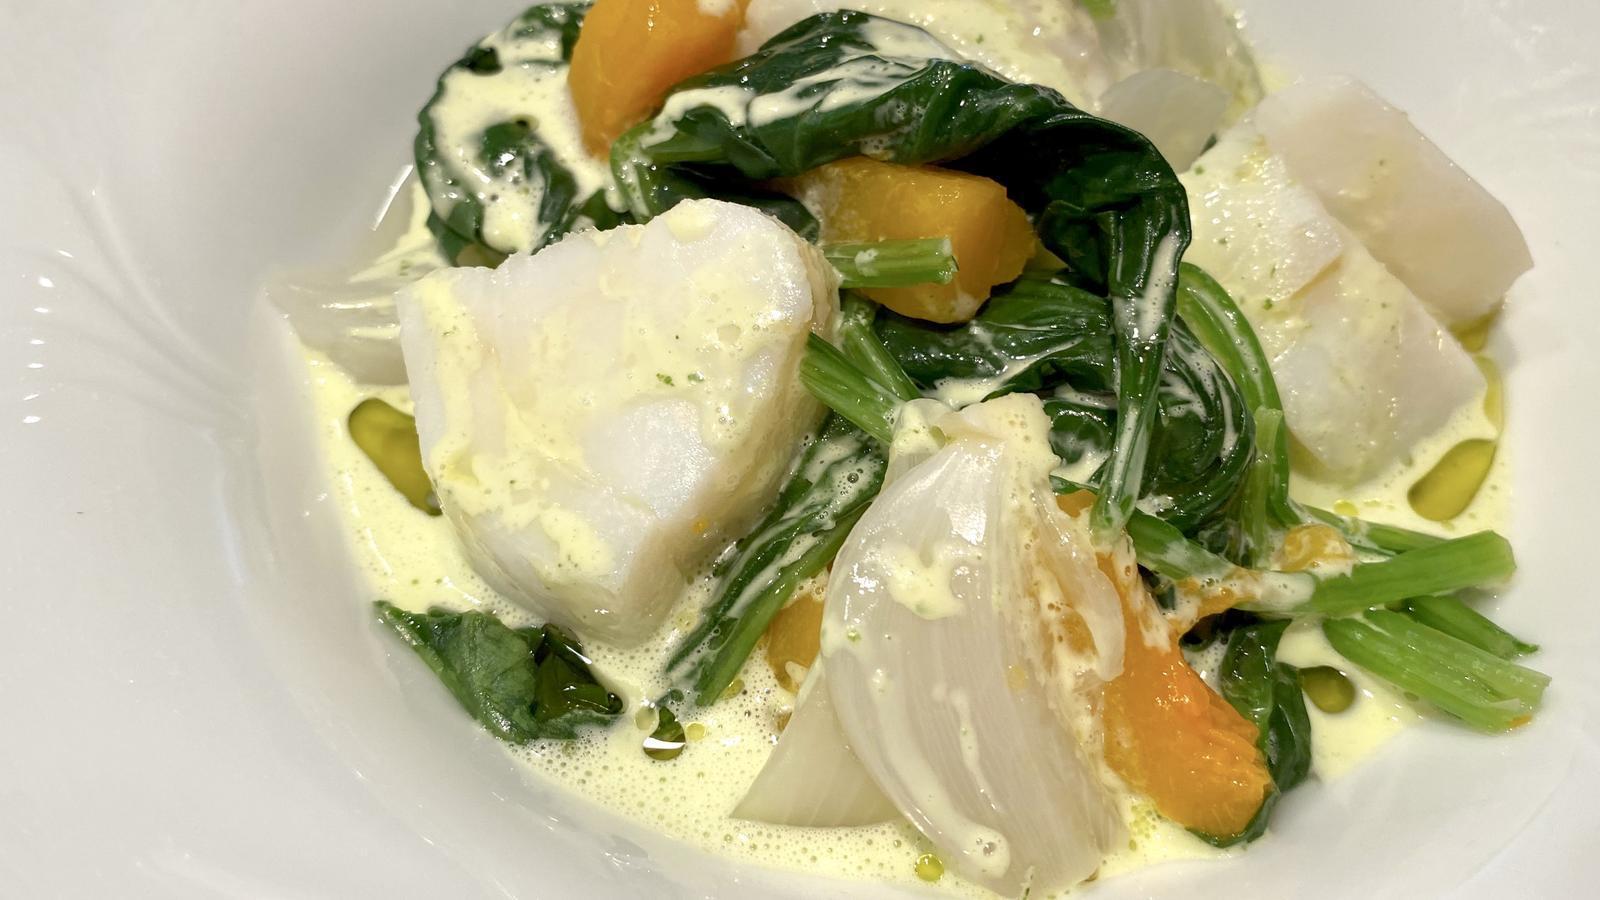 Com es fa la carbassa amb ceba, espinacs i bacallà? La recepta de la cuinera Carme Ruscalleda